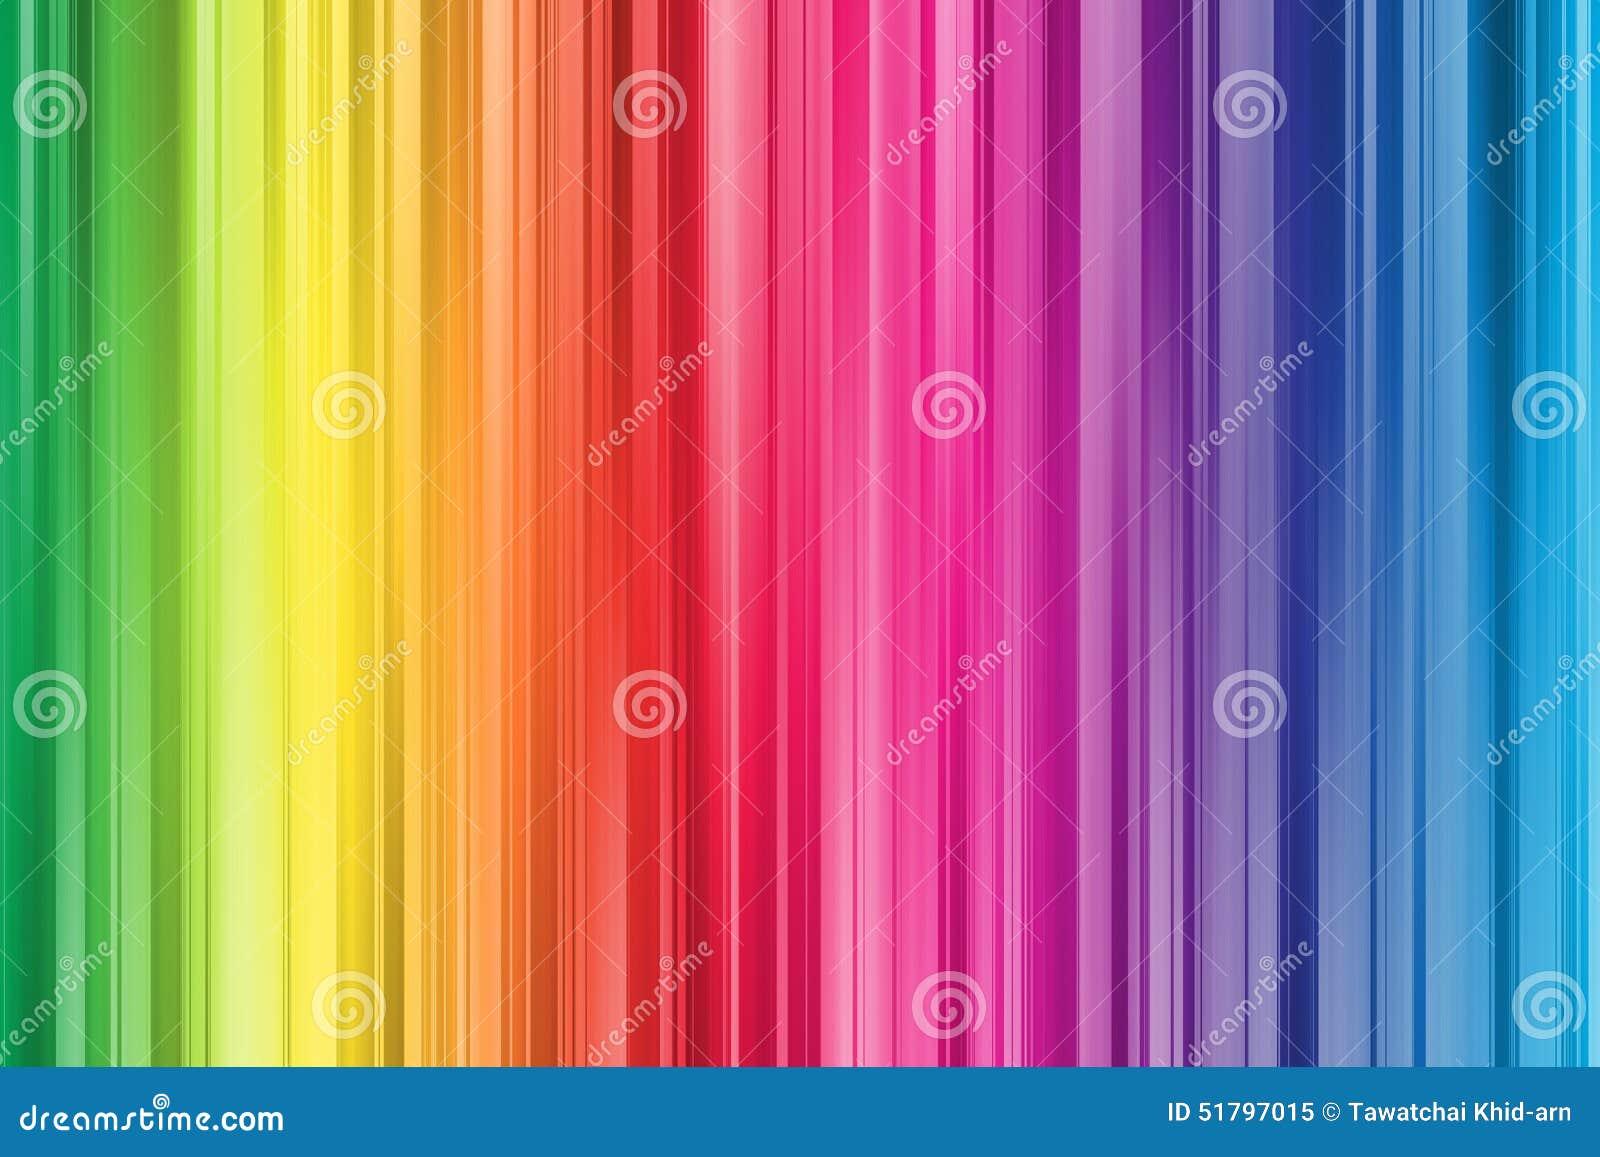 neon color wallpaper